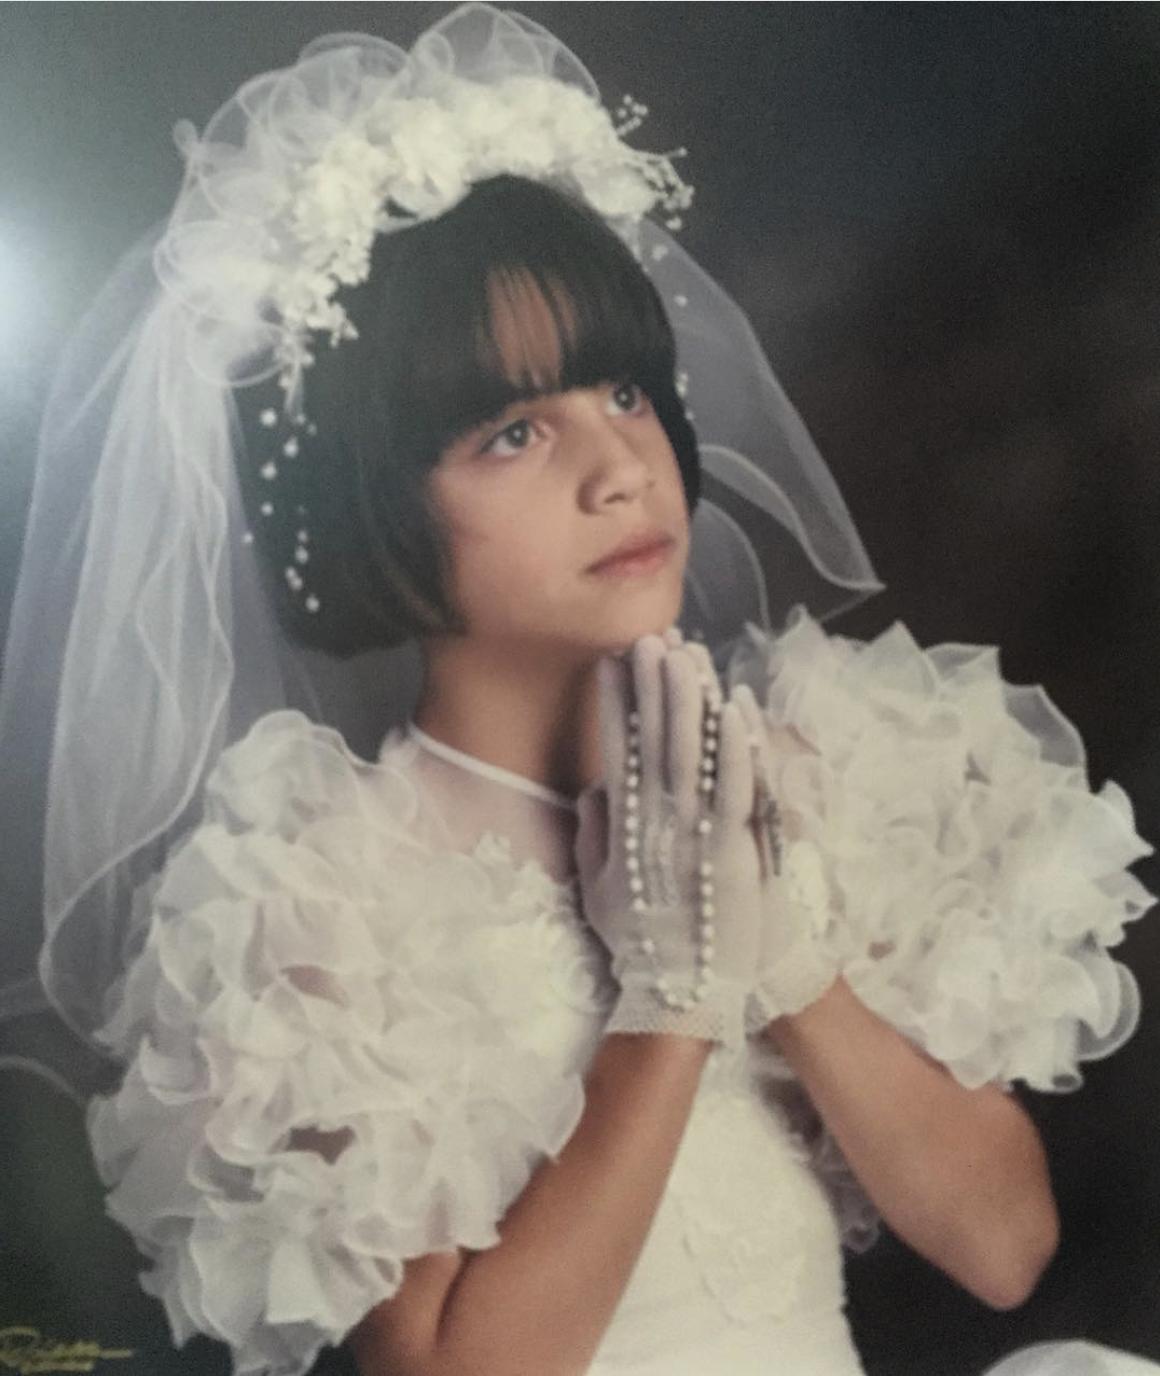 219 - Natalie Morales - teen.png